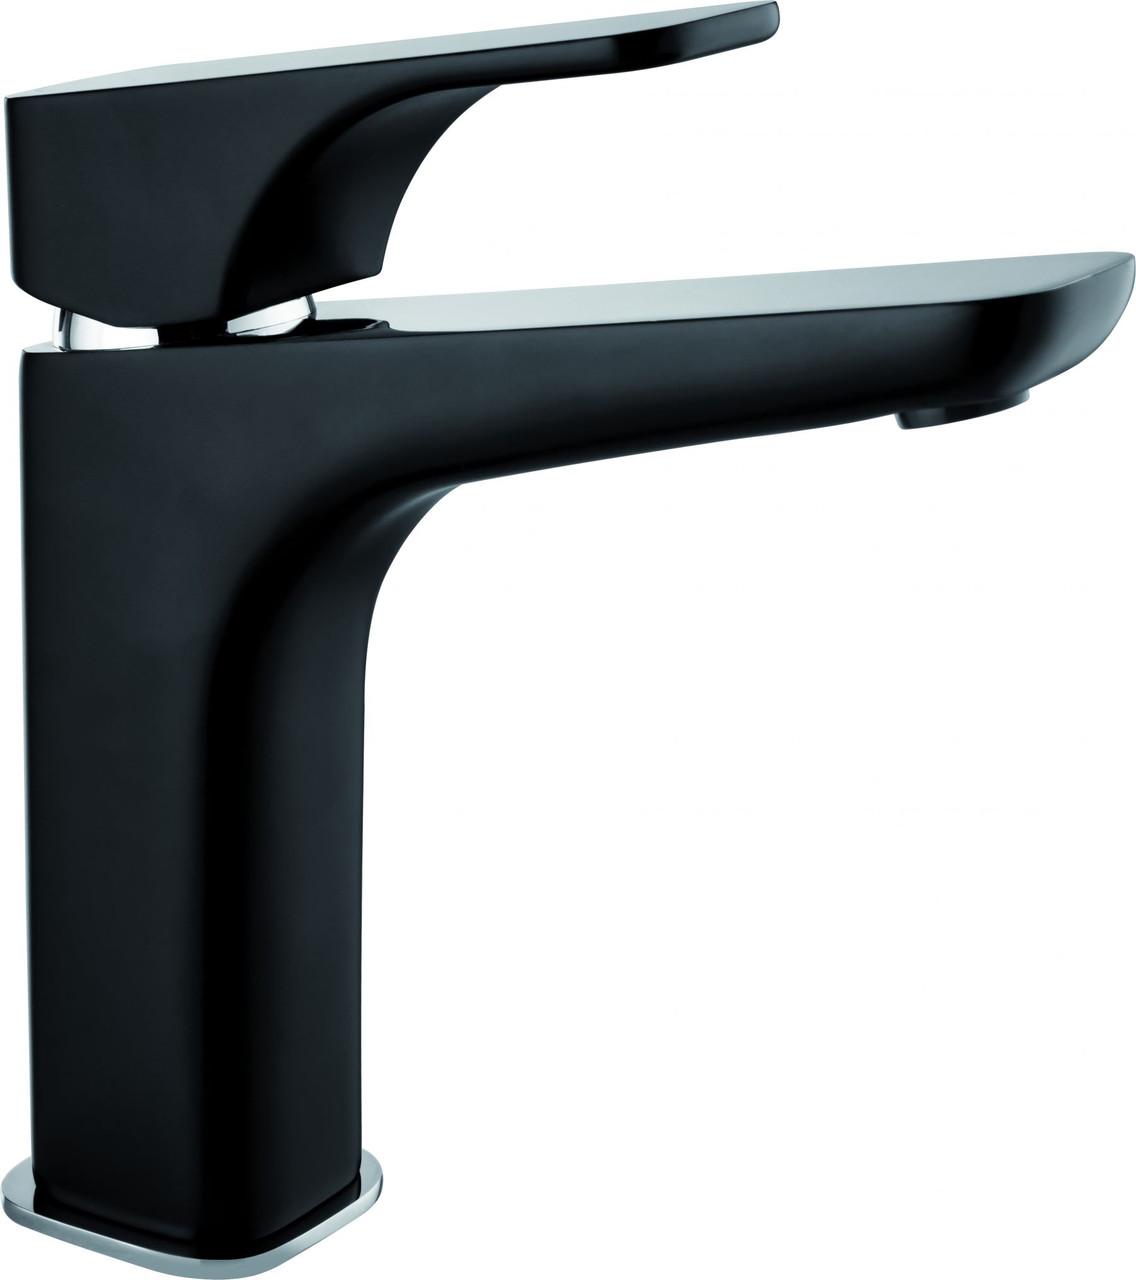 Смеситель для умывальника Deante HIACYNT с системой click-clack , высокий корпус, хром/черный